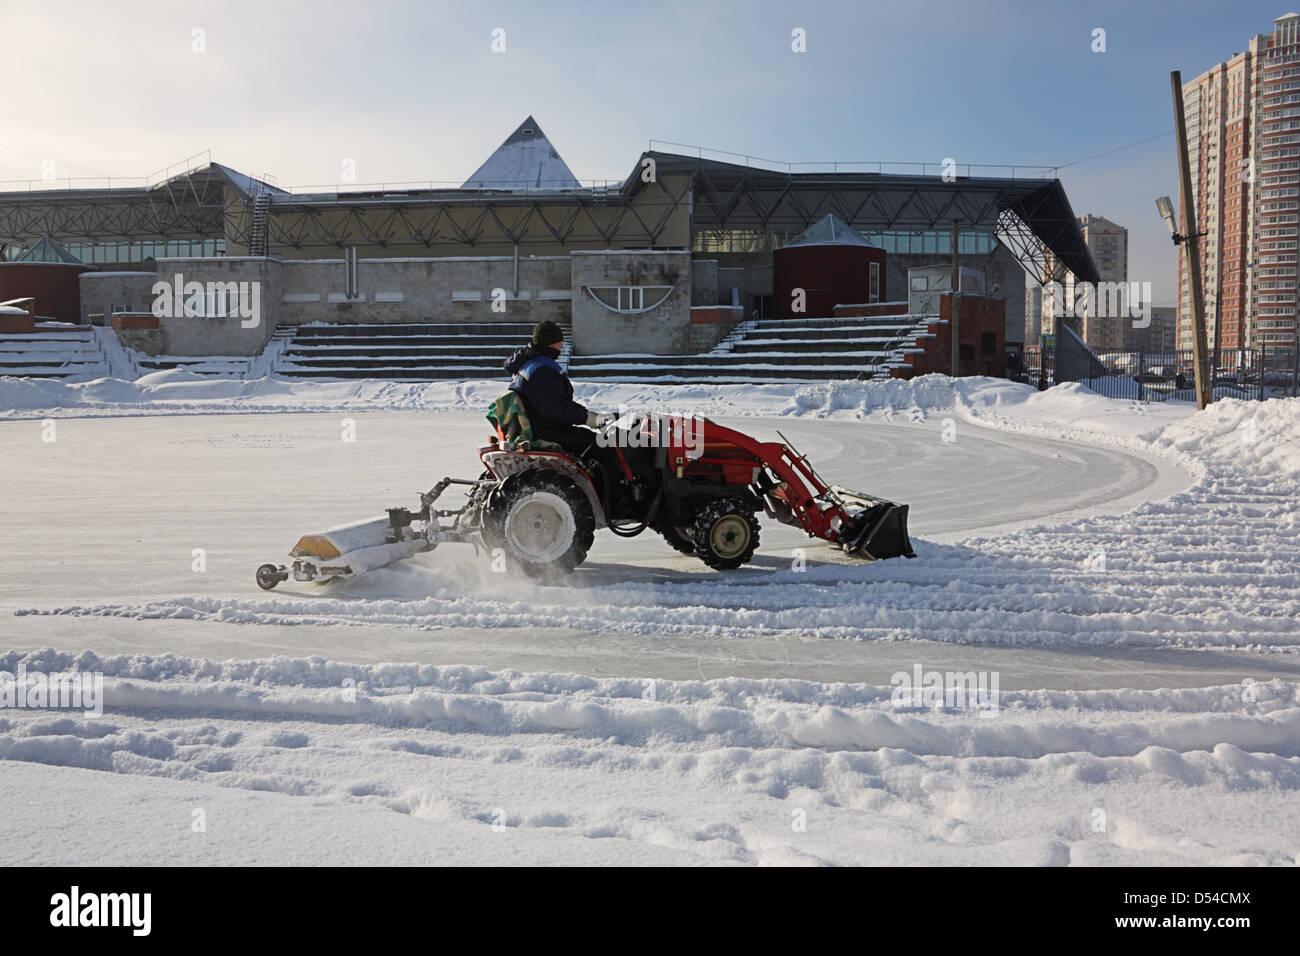 Macchina neve rimuove la neve sulla pista di pattinaggio impianto sportivo Immagini Stock